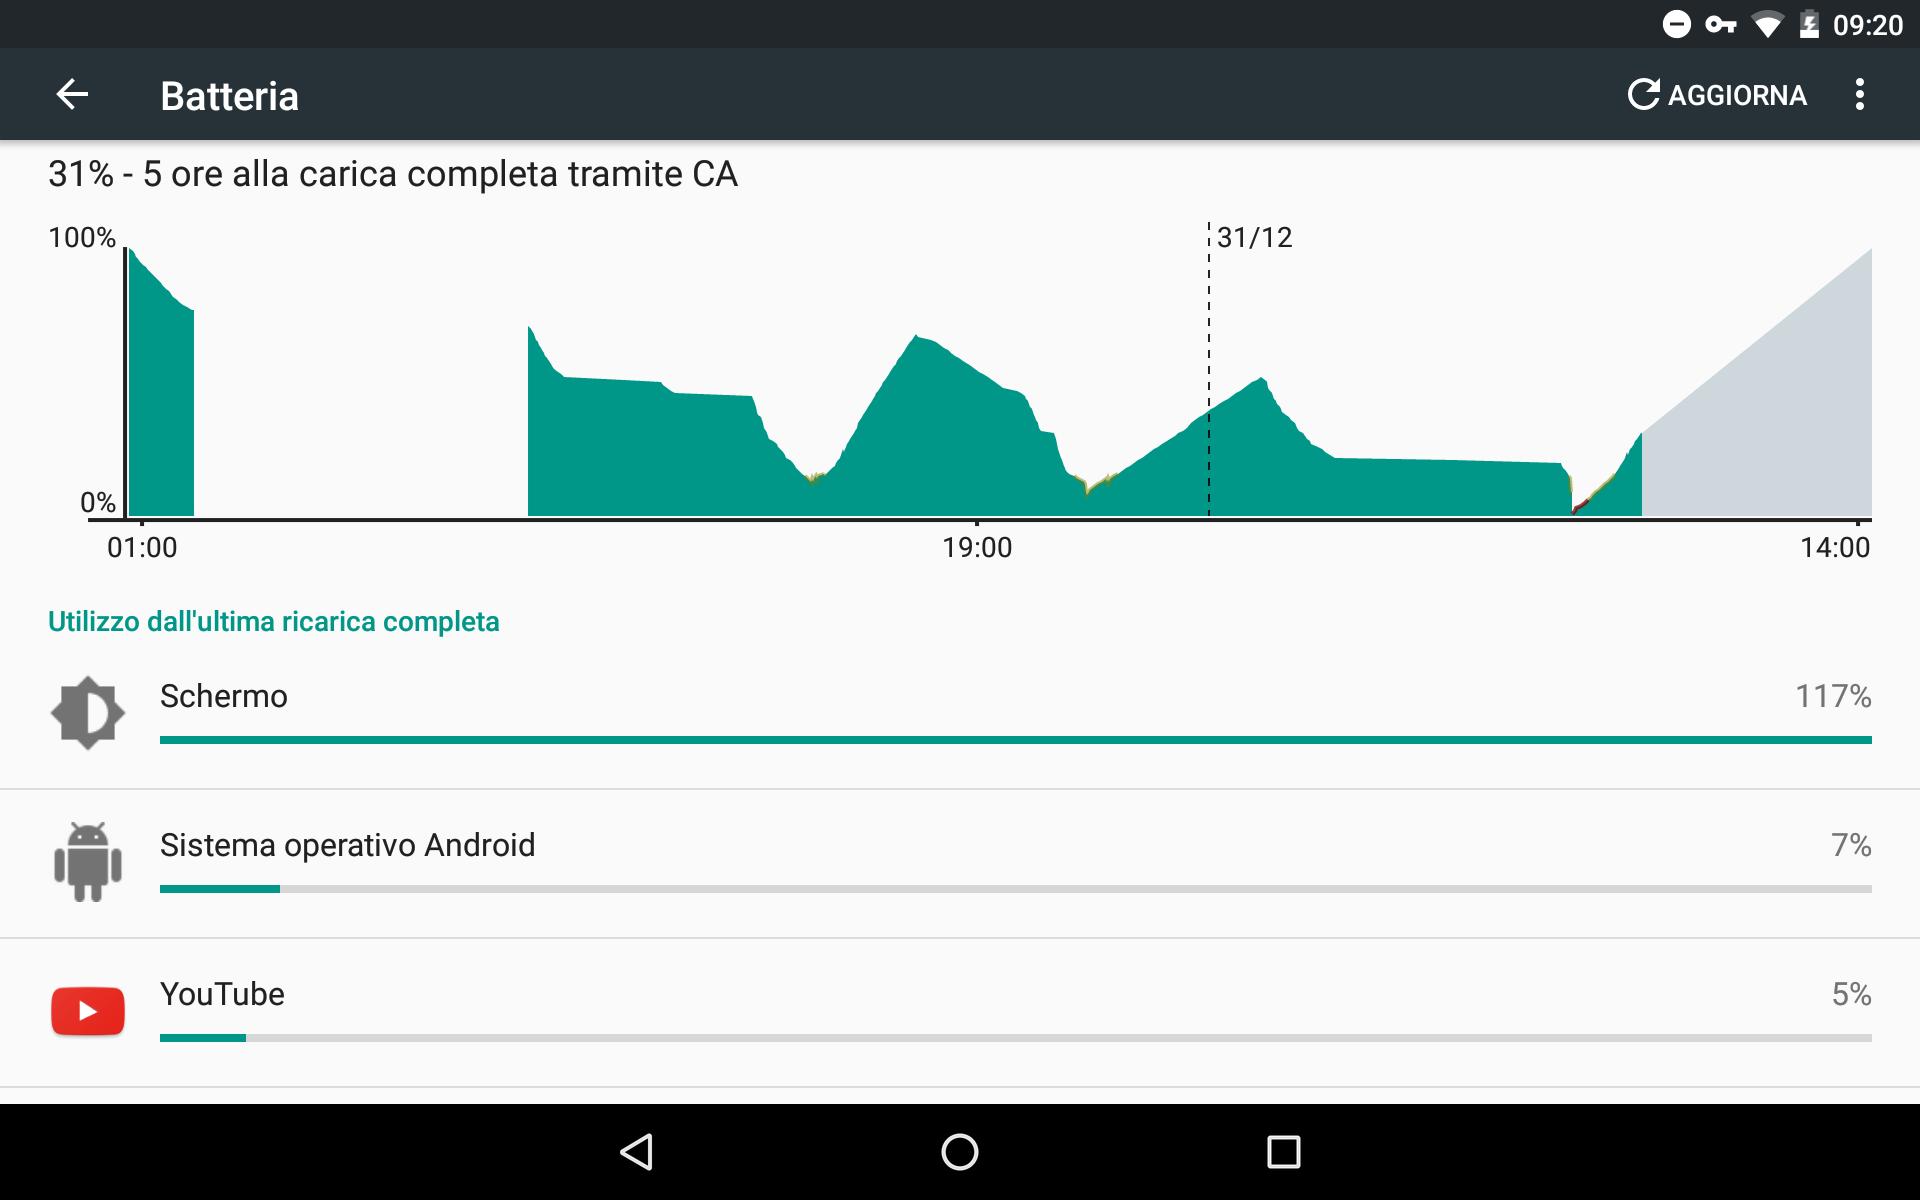 Impostazioni Batteria consumo eccessivo Android